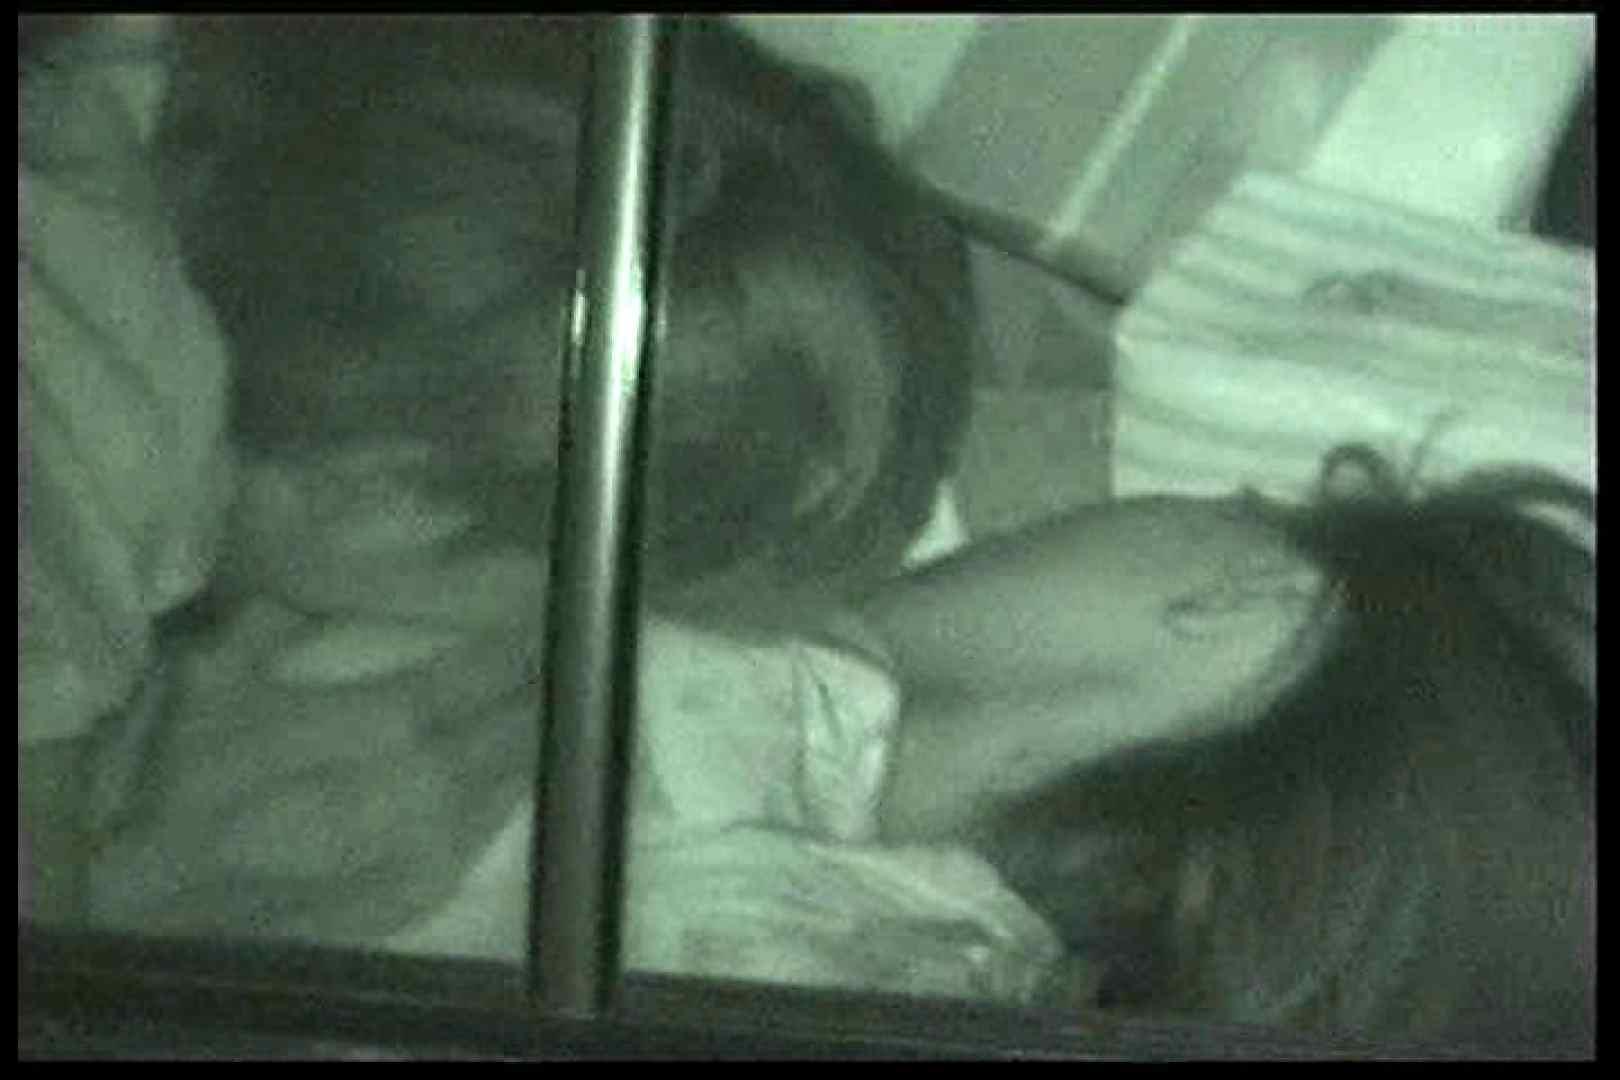 車の中はラブホテル 無修正版  Vol.13 車の中のカップル 盗み撮り動画 64画像 11